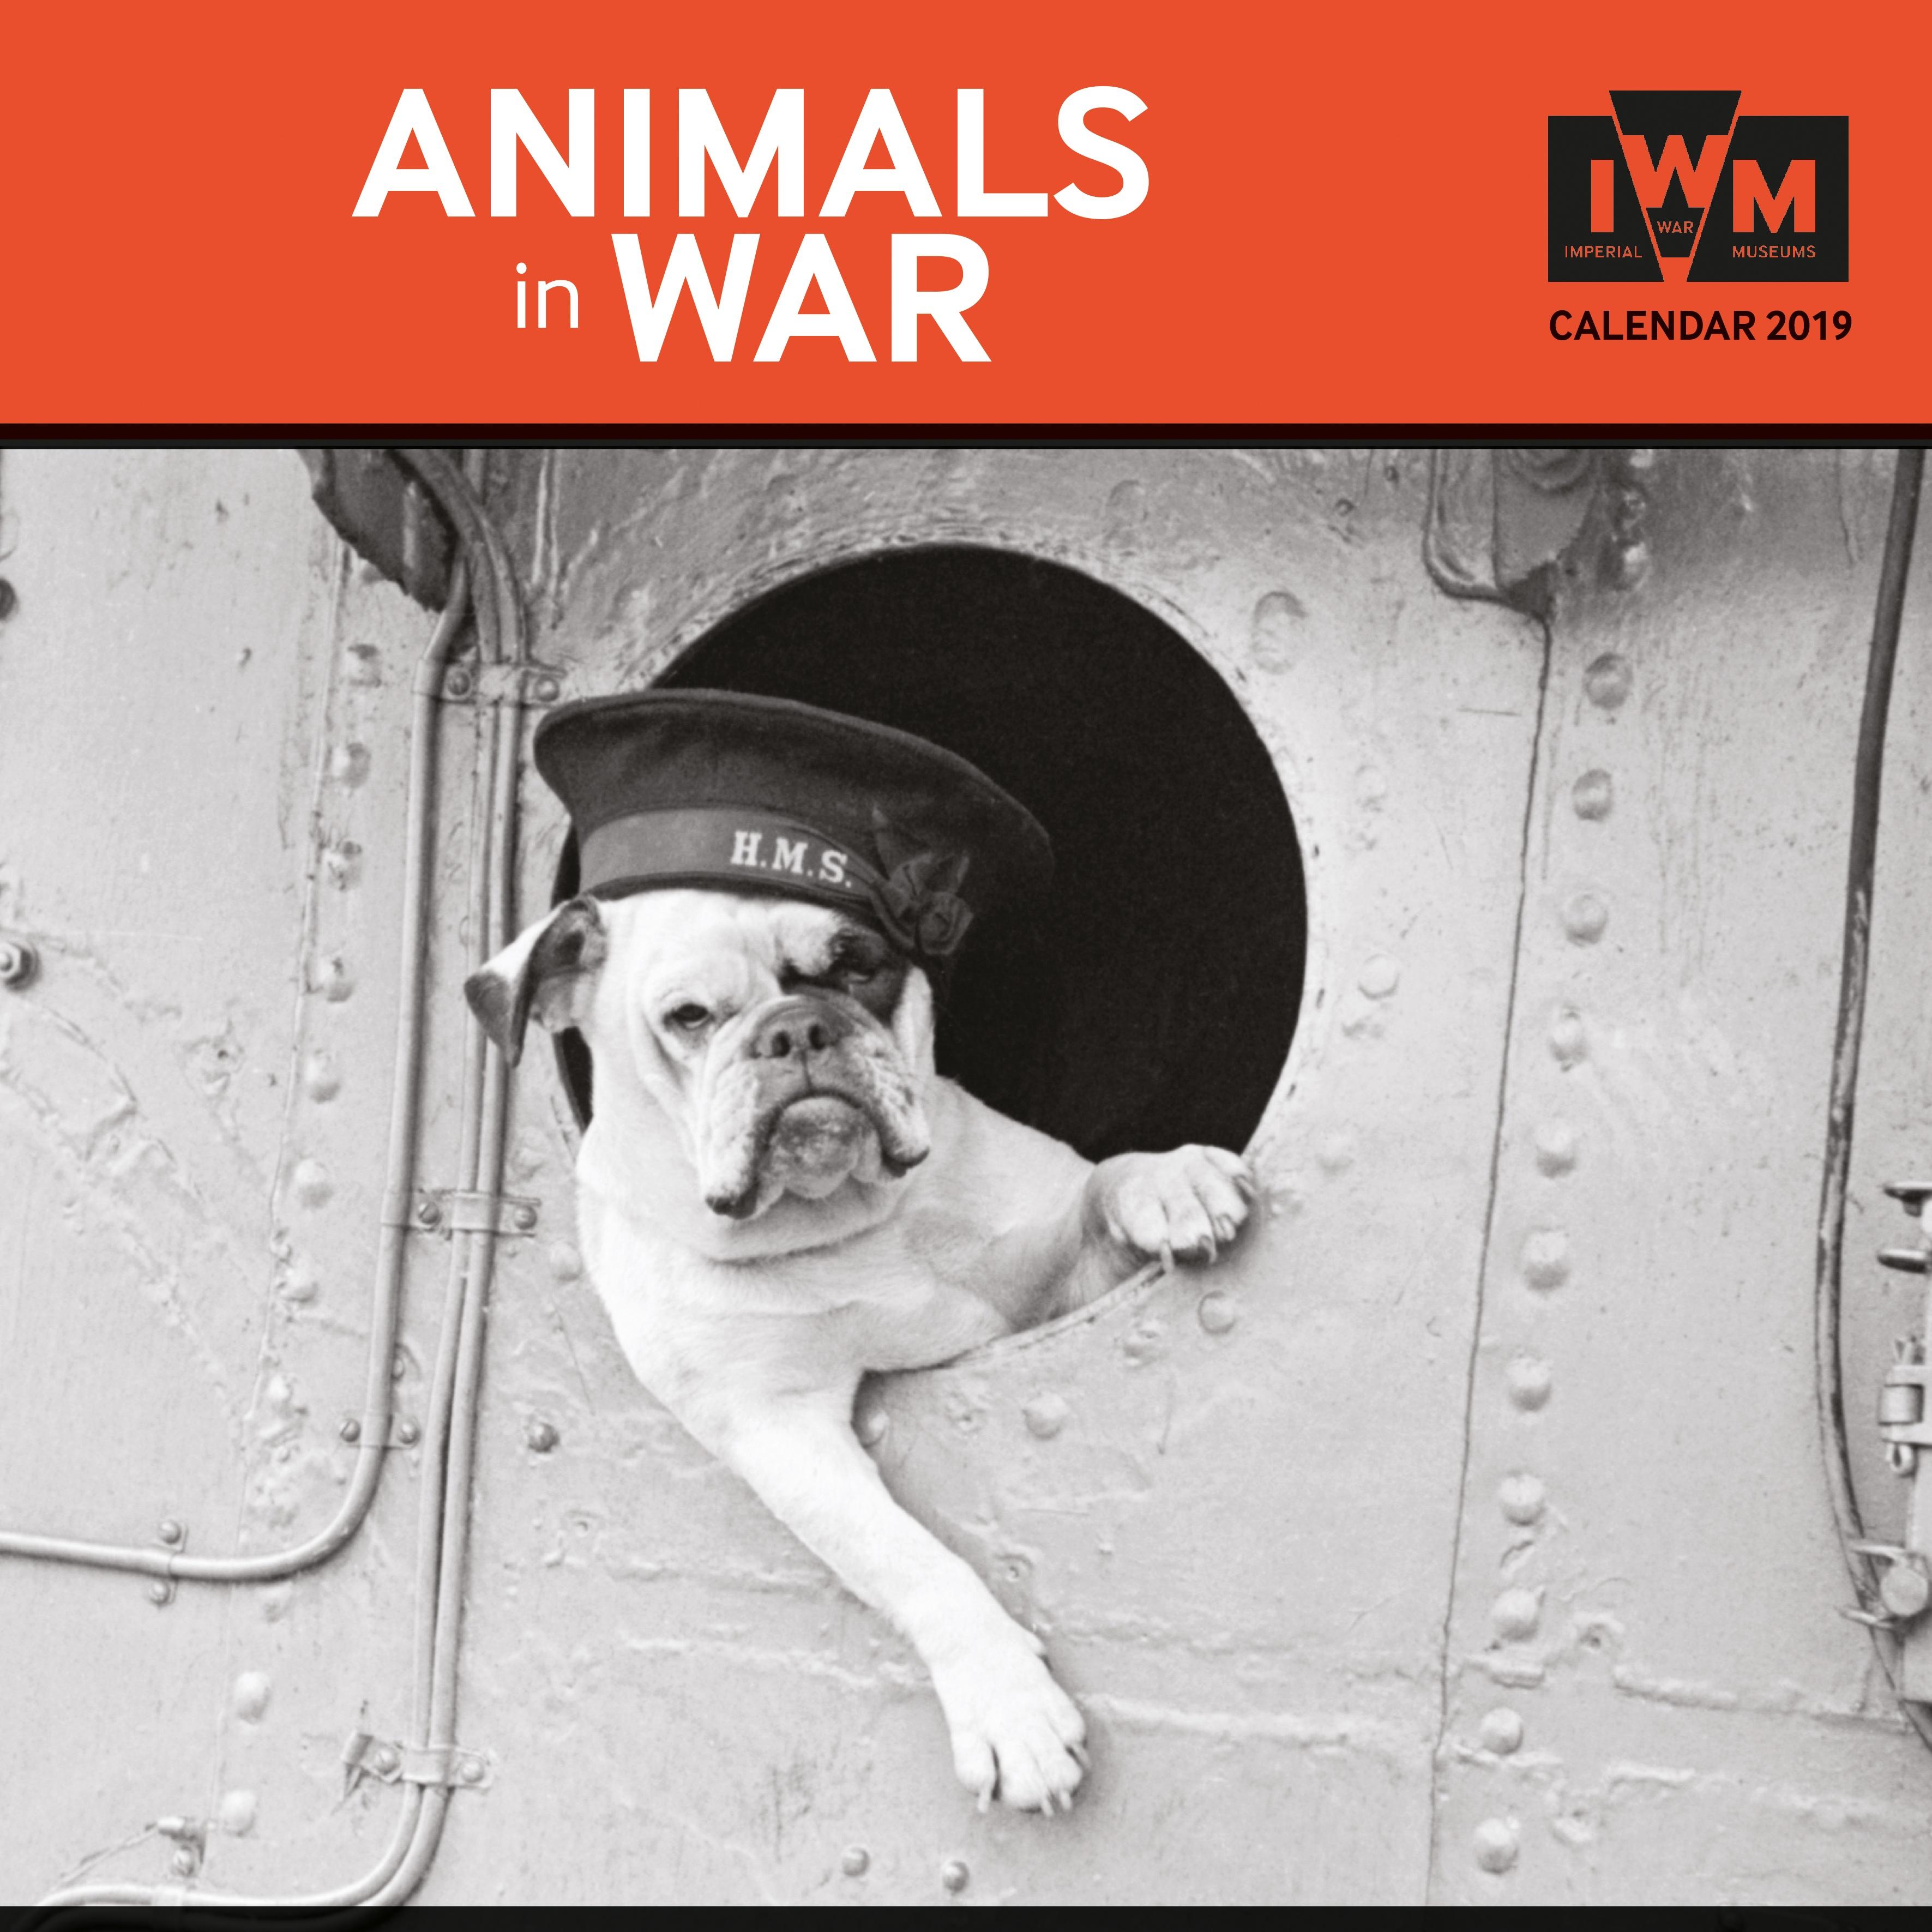 FT2019-11-IWM Animals in War-front